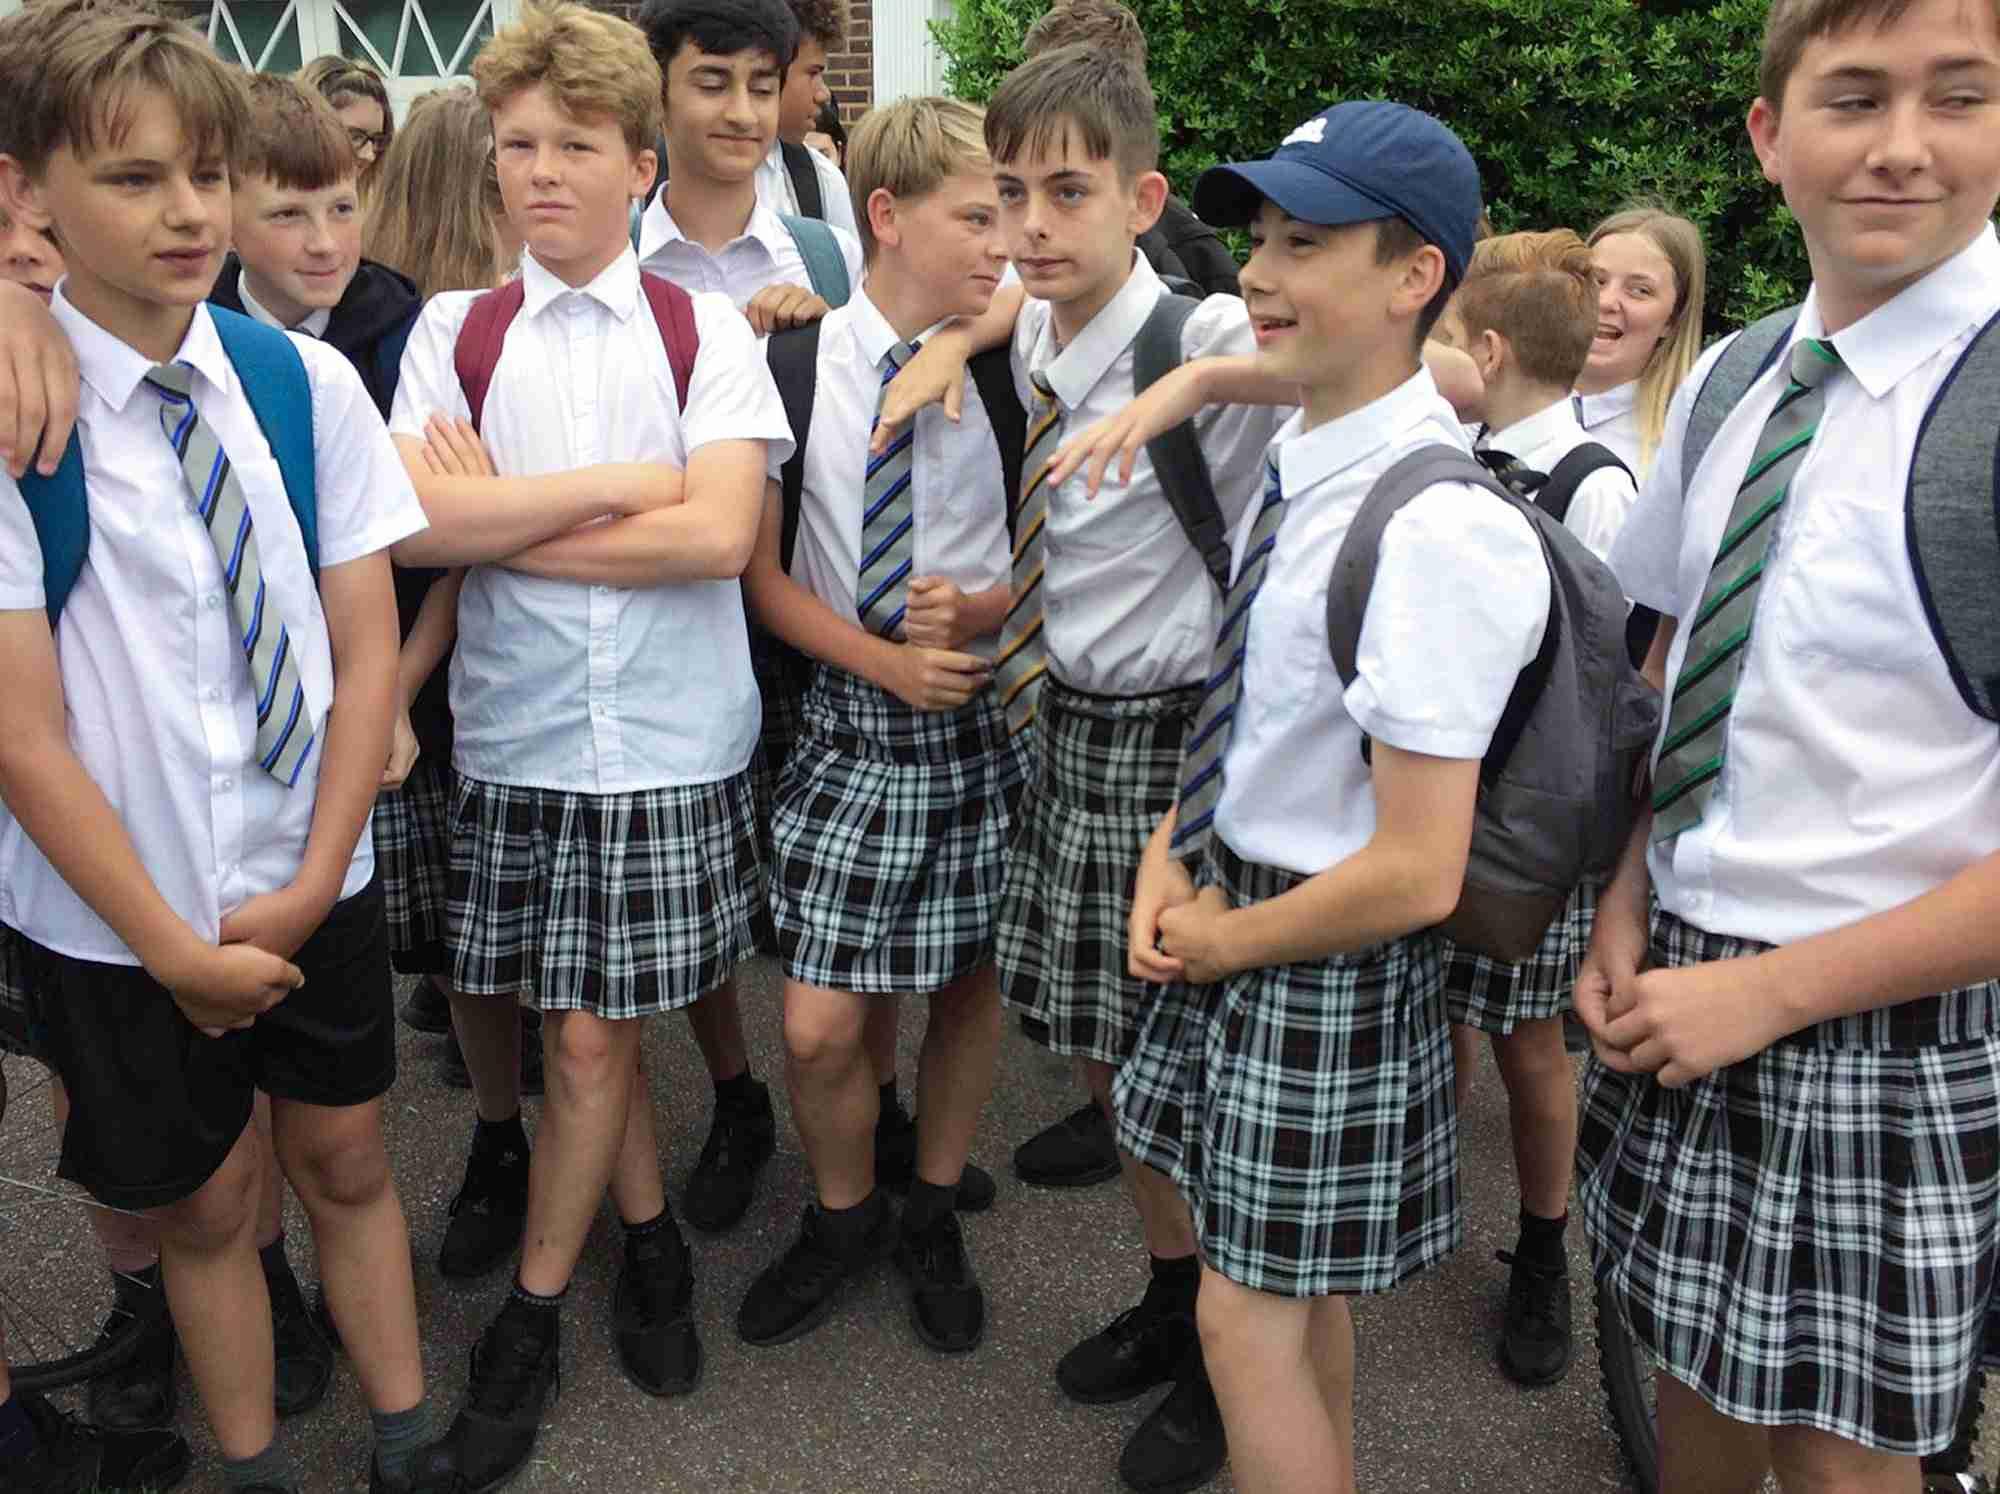 マツコ・デラックス、女子の制服の多様性に一言「性的少数者への配慮なら男女問わずスカート、スラックス両方用意して!」